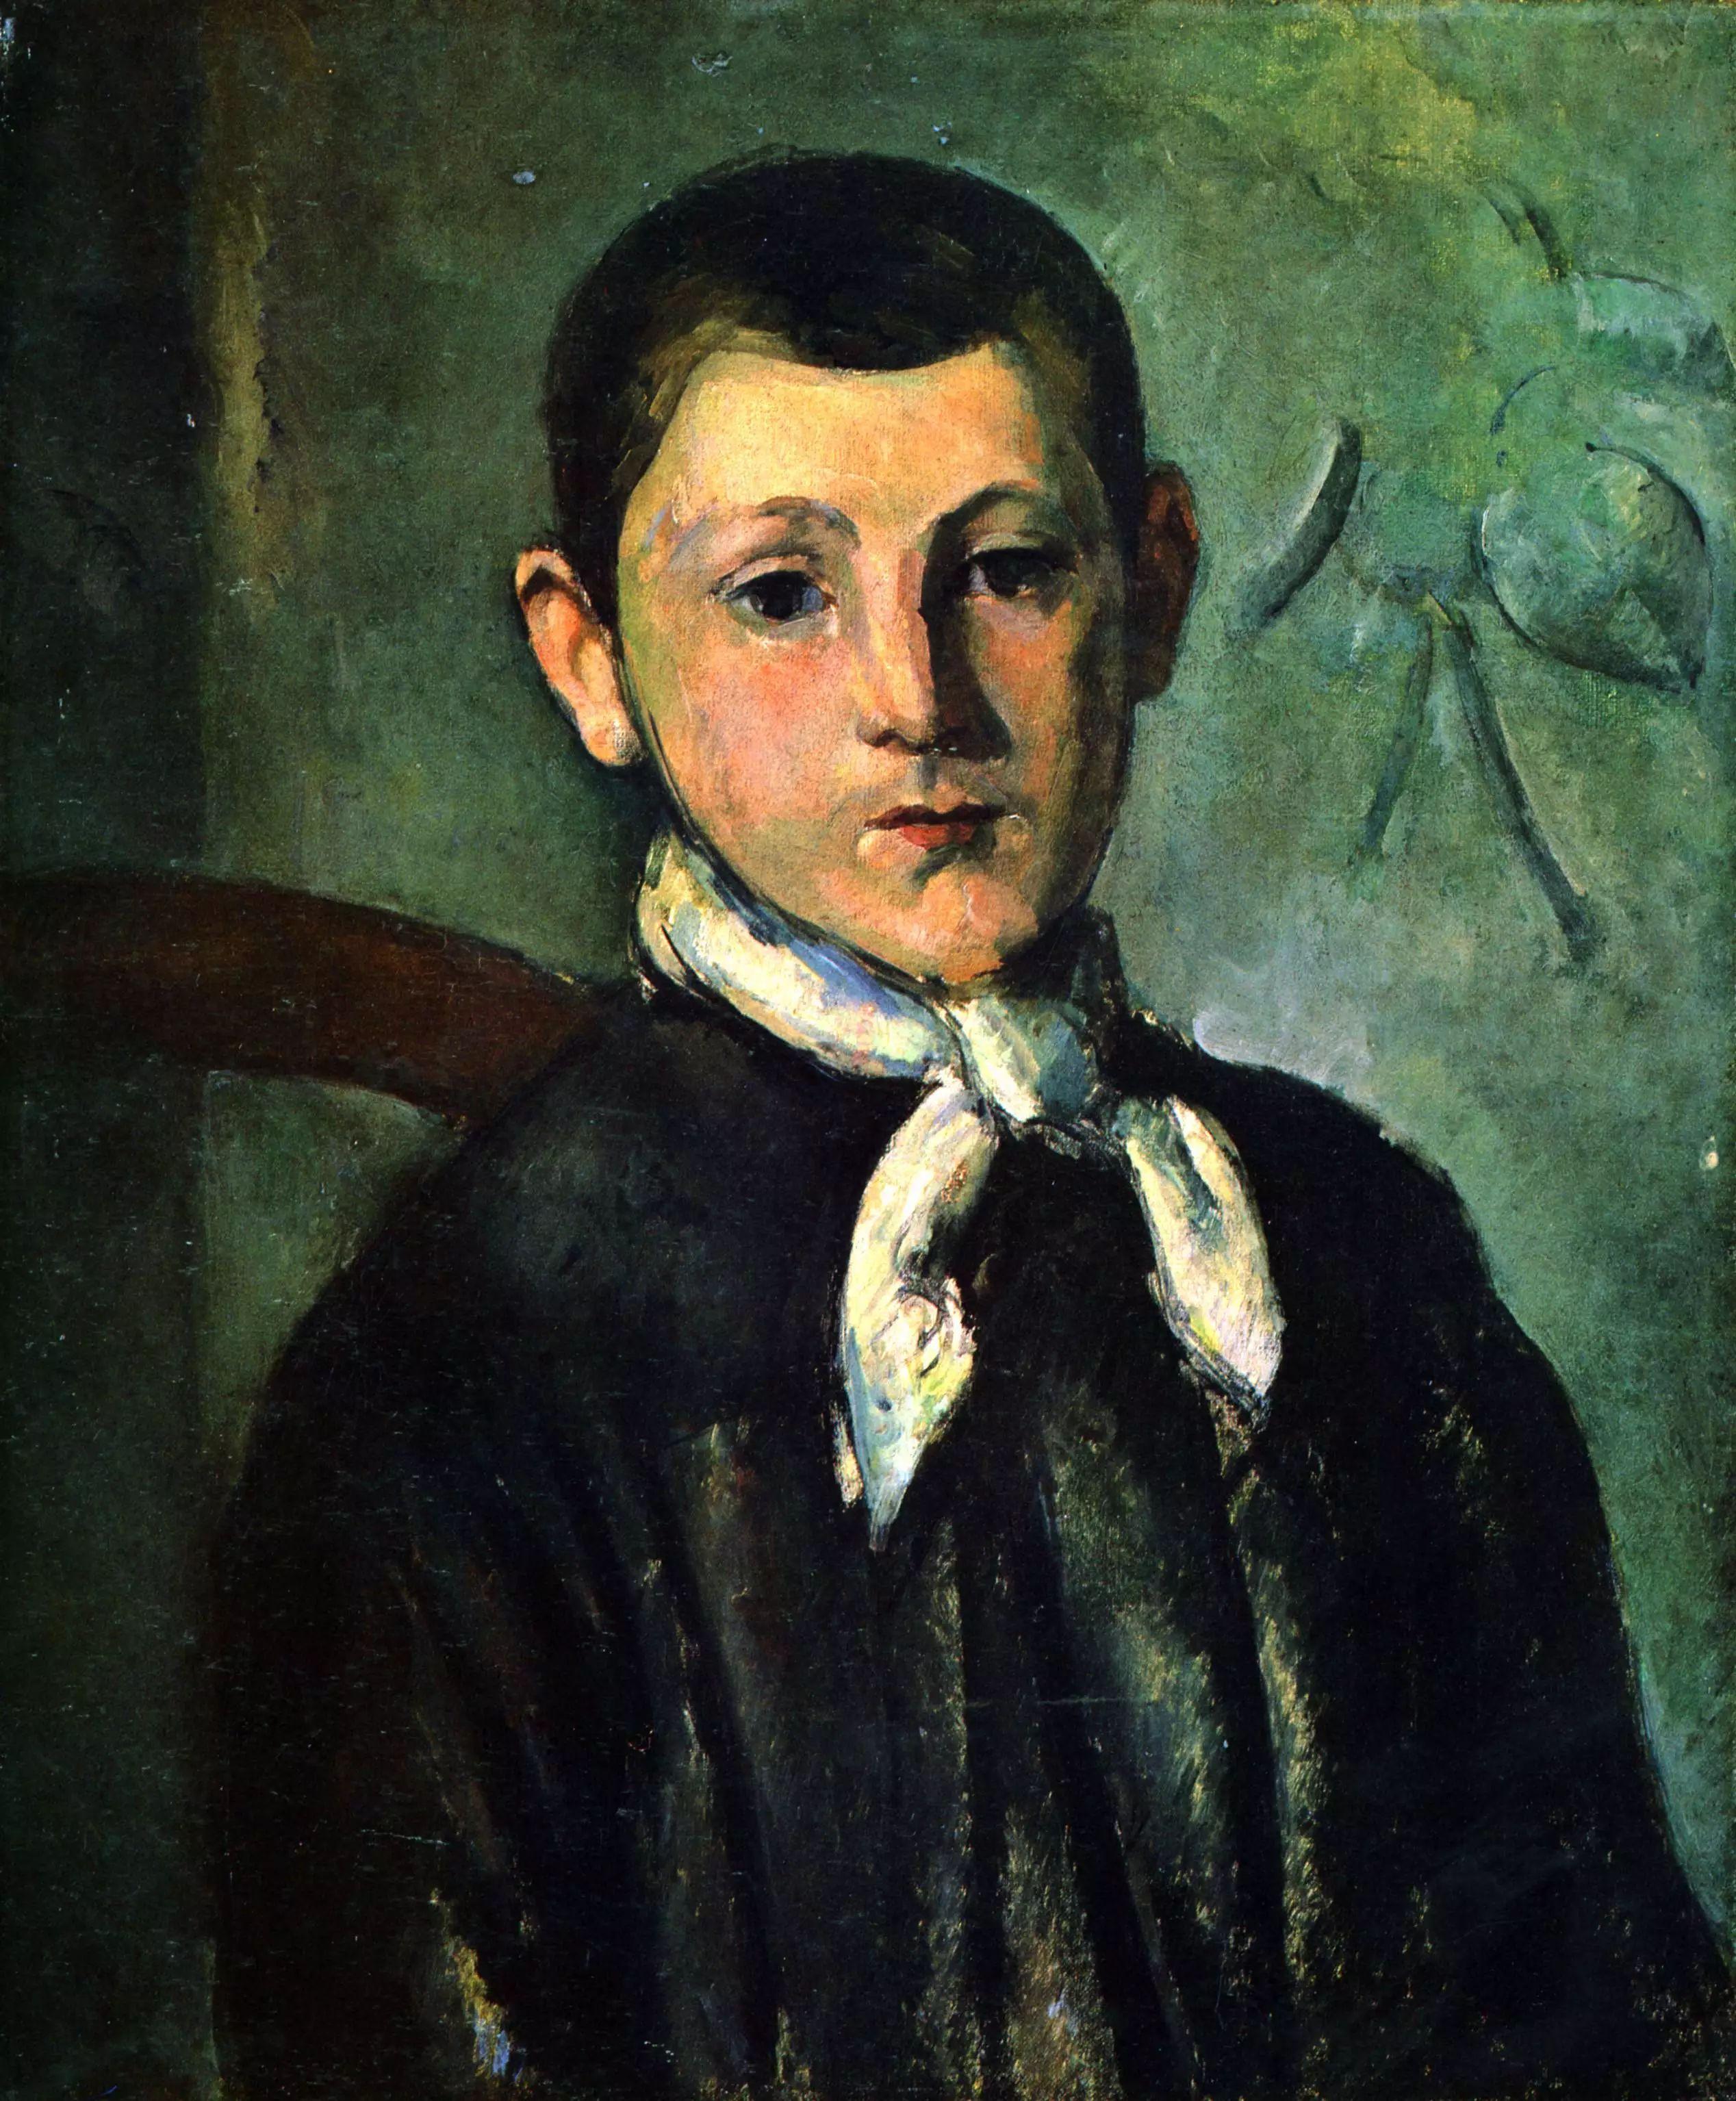 法国著名画家保罗·塞尚油画作品插图5